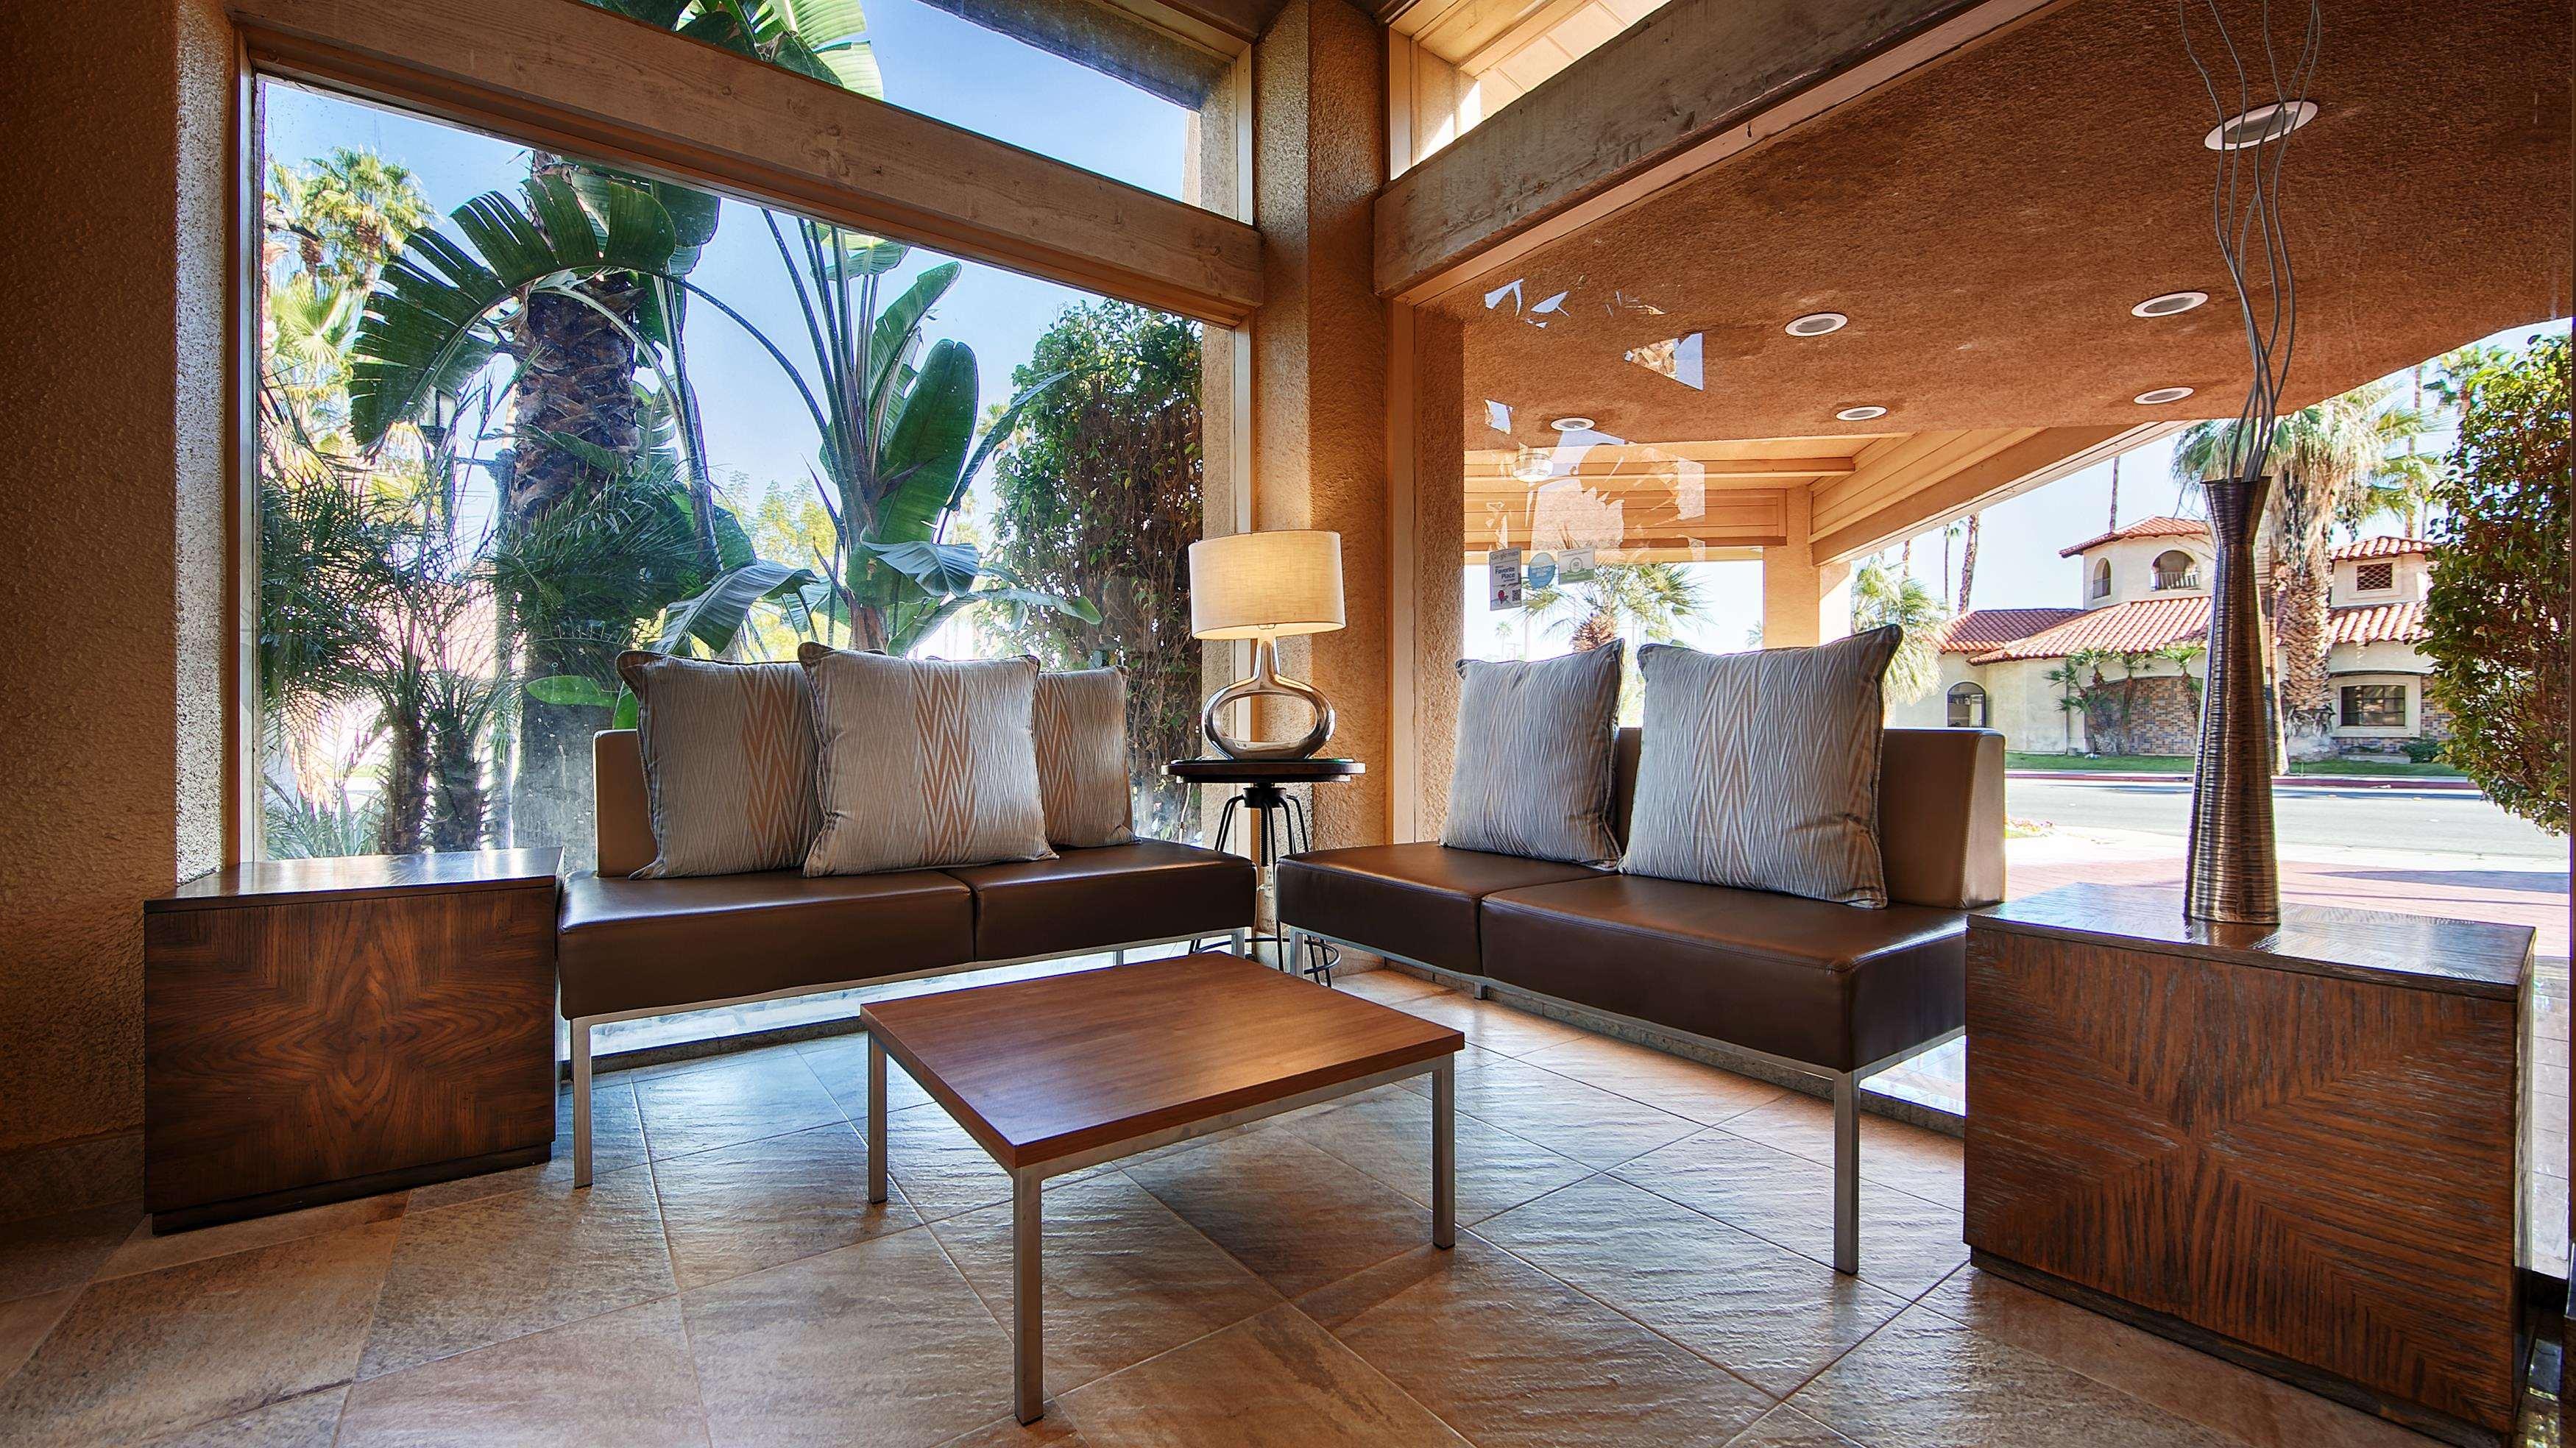 Best Western Inn at Palm Springs image 1